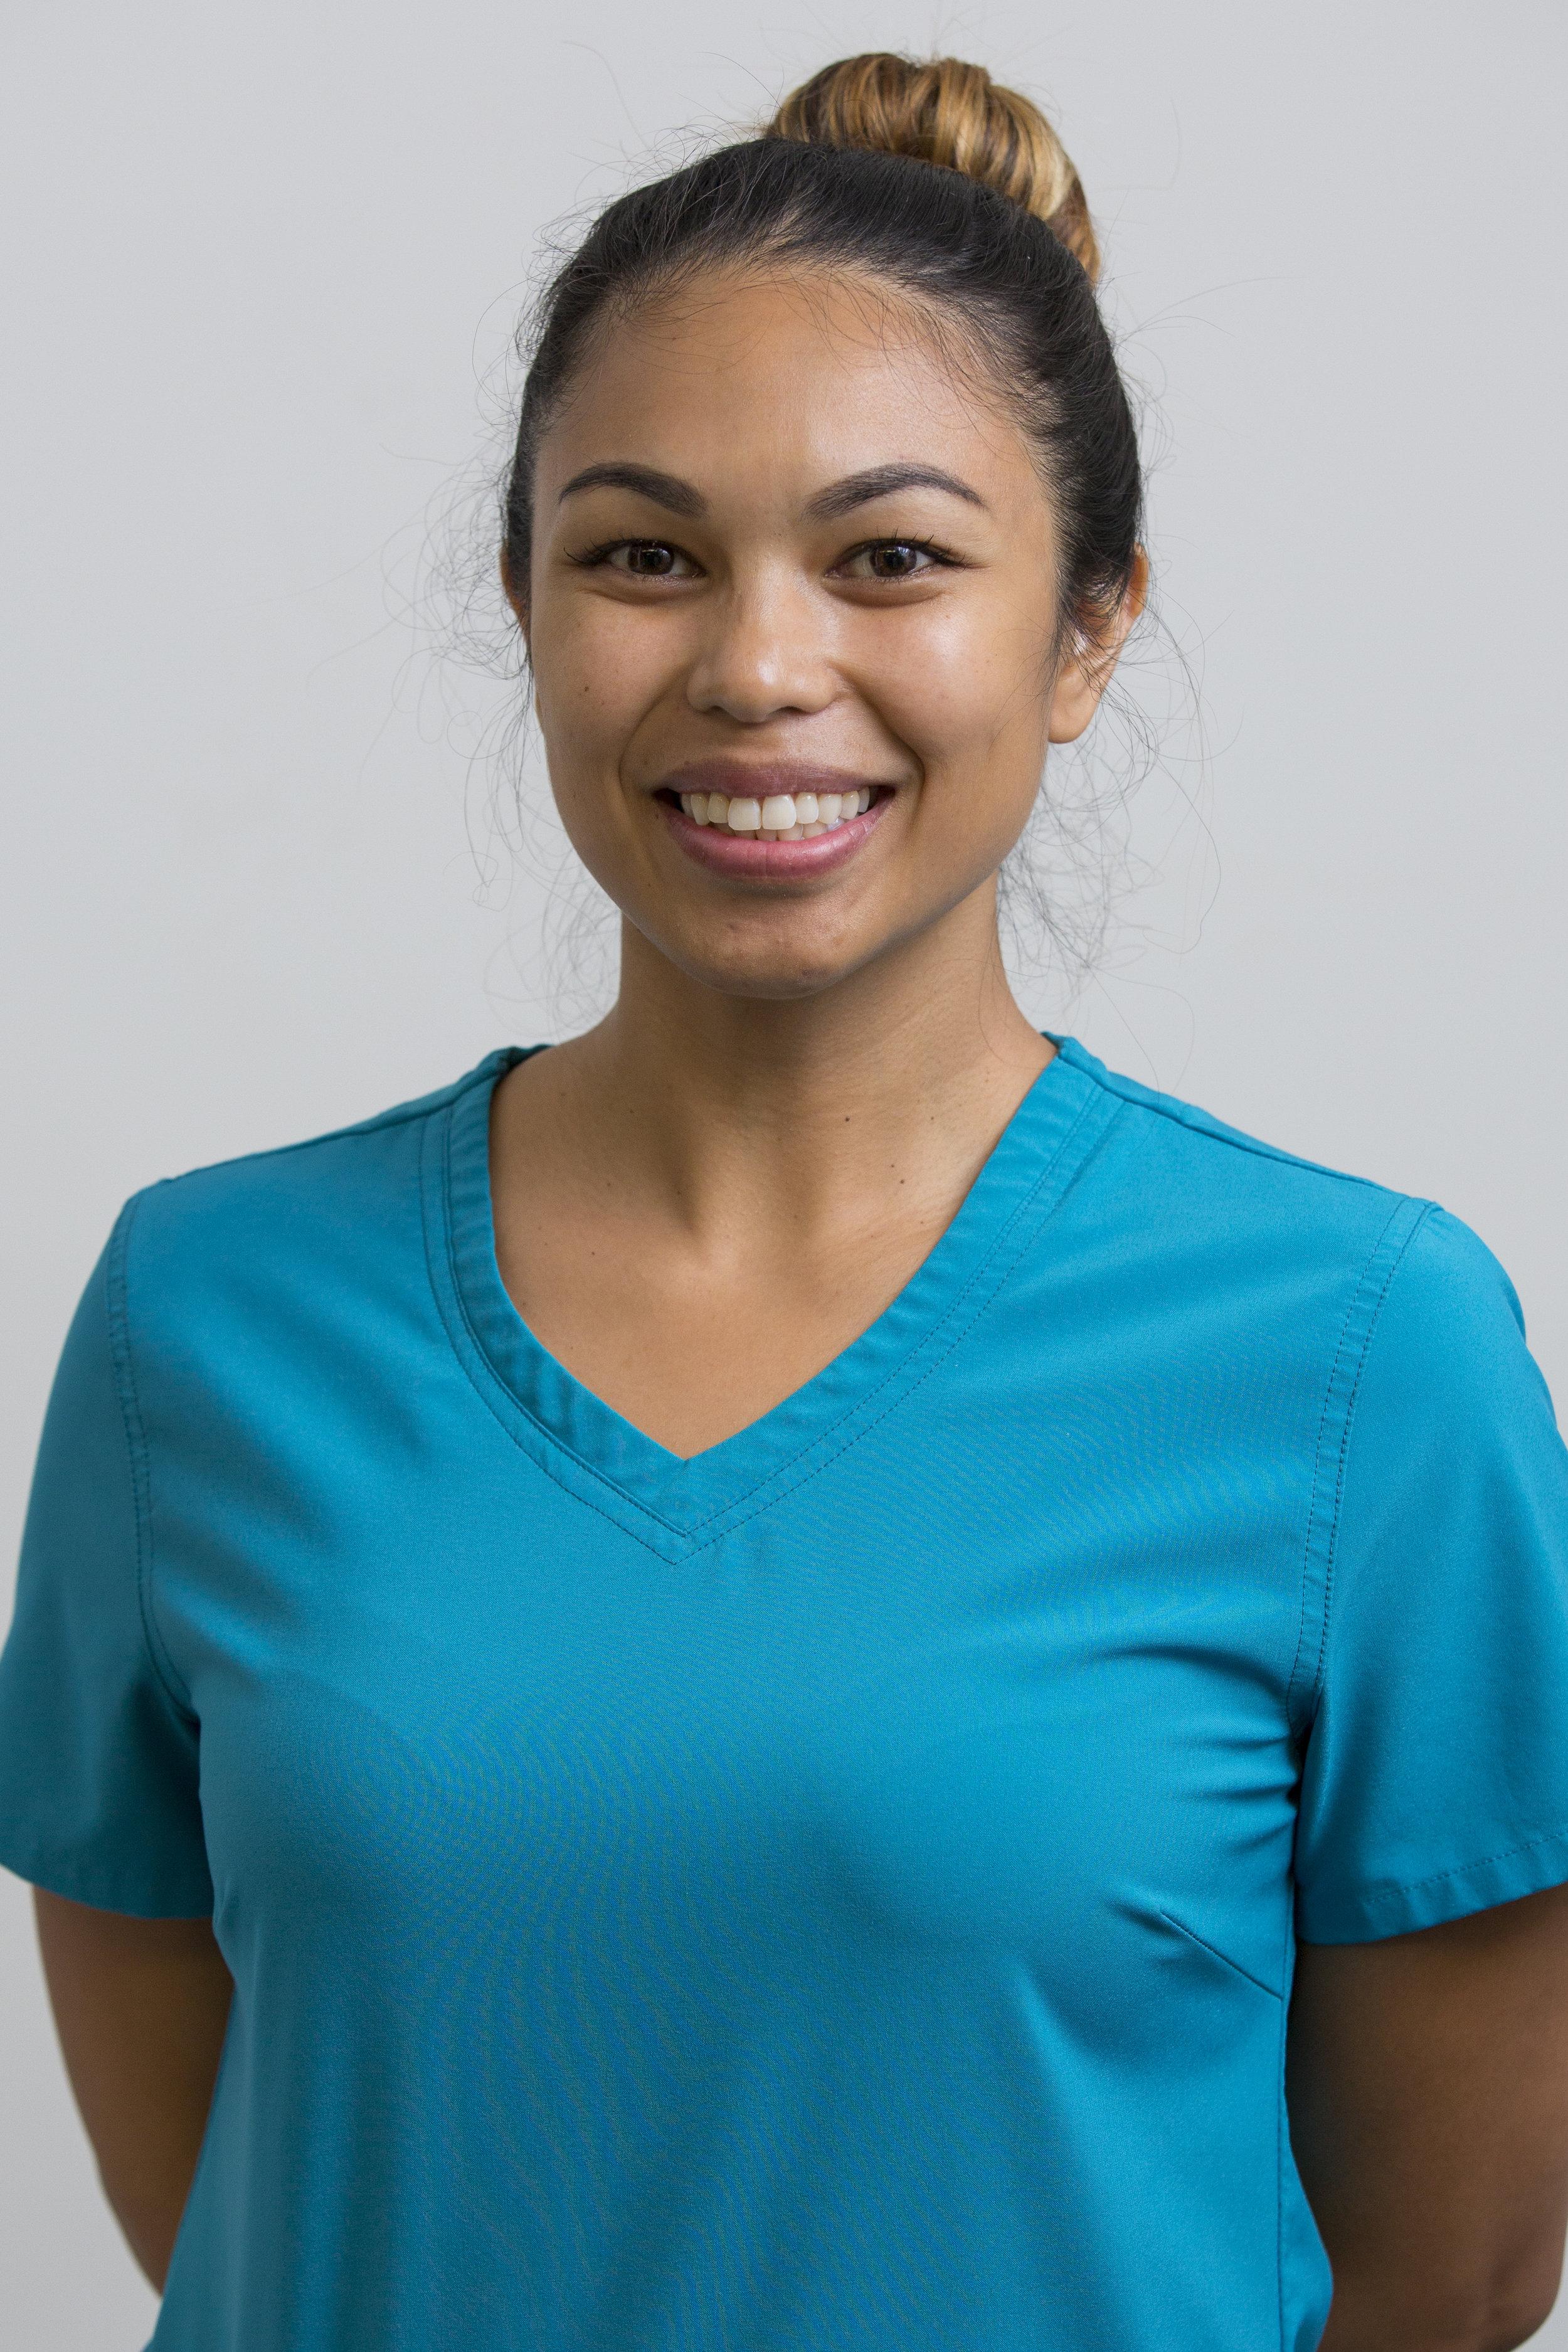 Janell - Dental Assistant